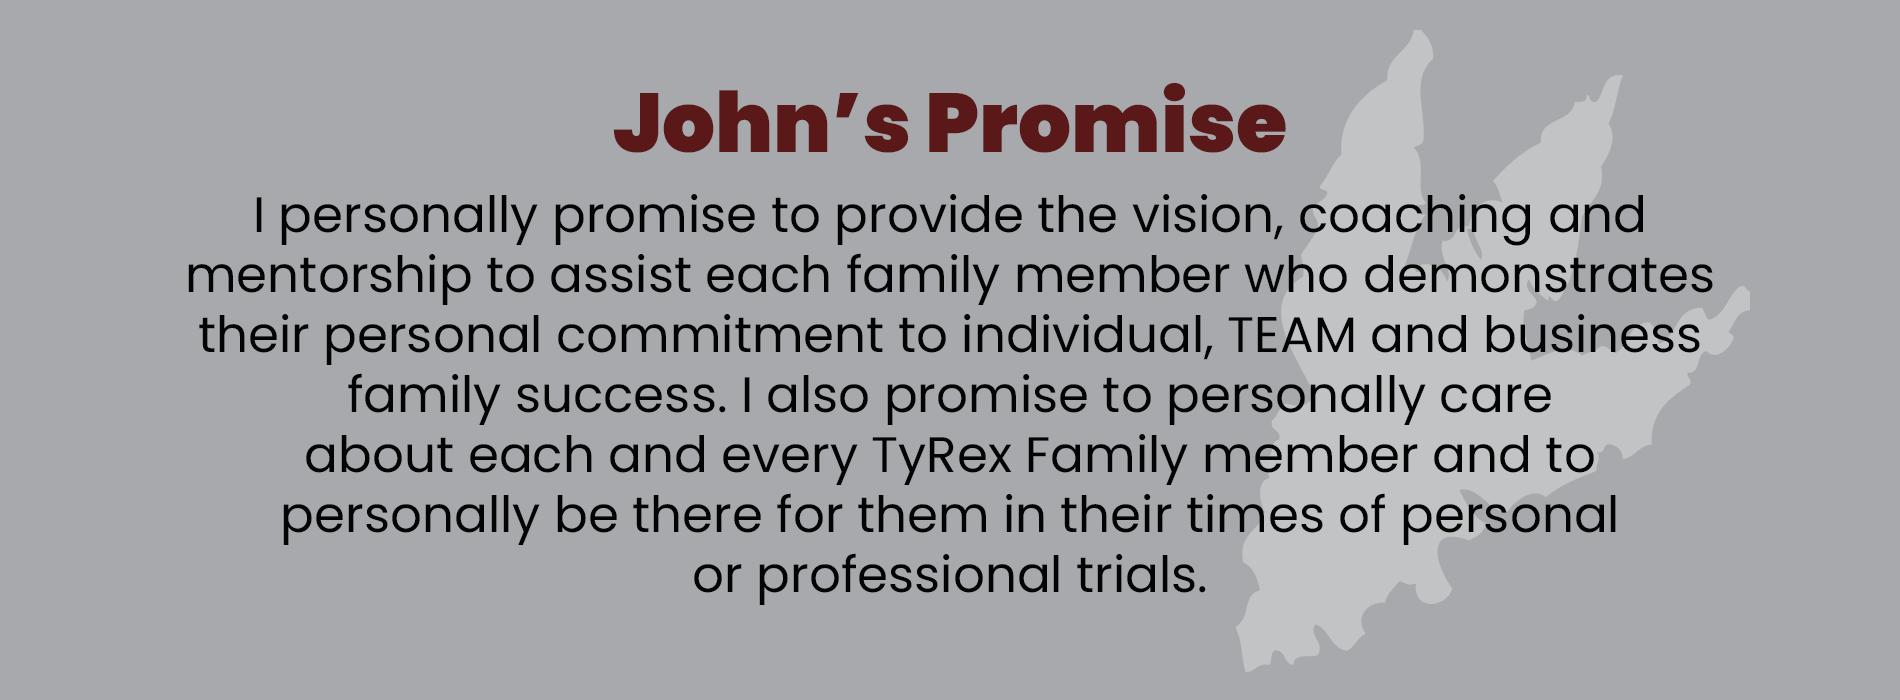 John Bosch, Jr. Promise to TyRex Family